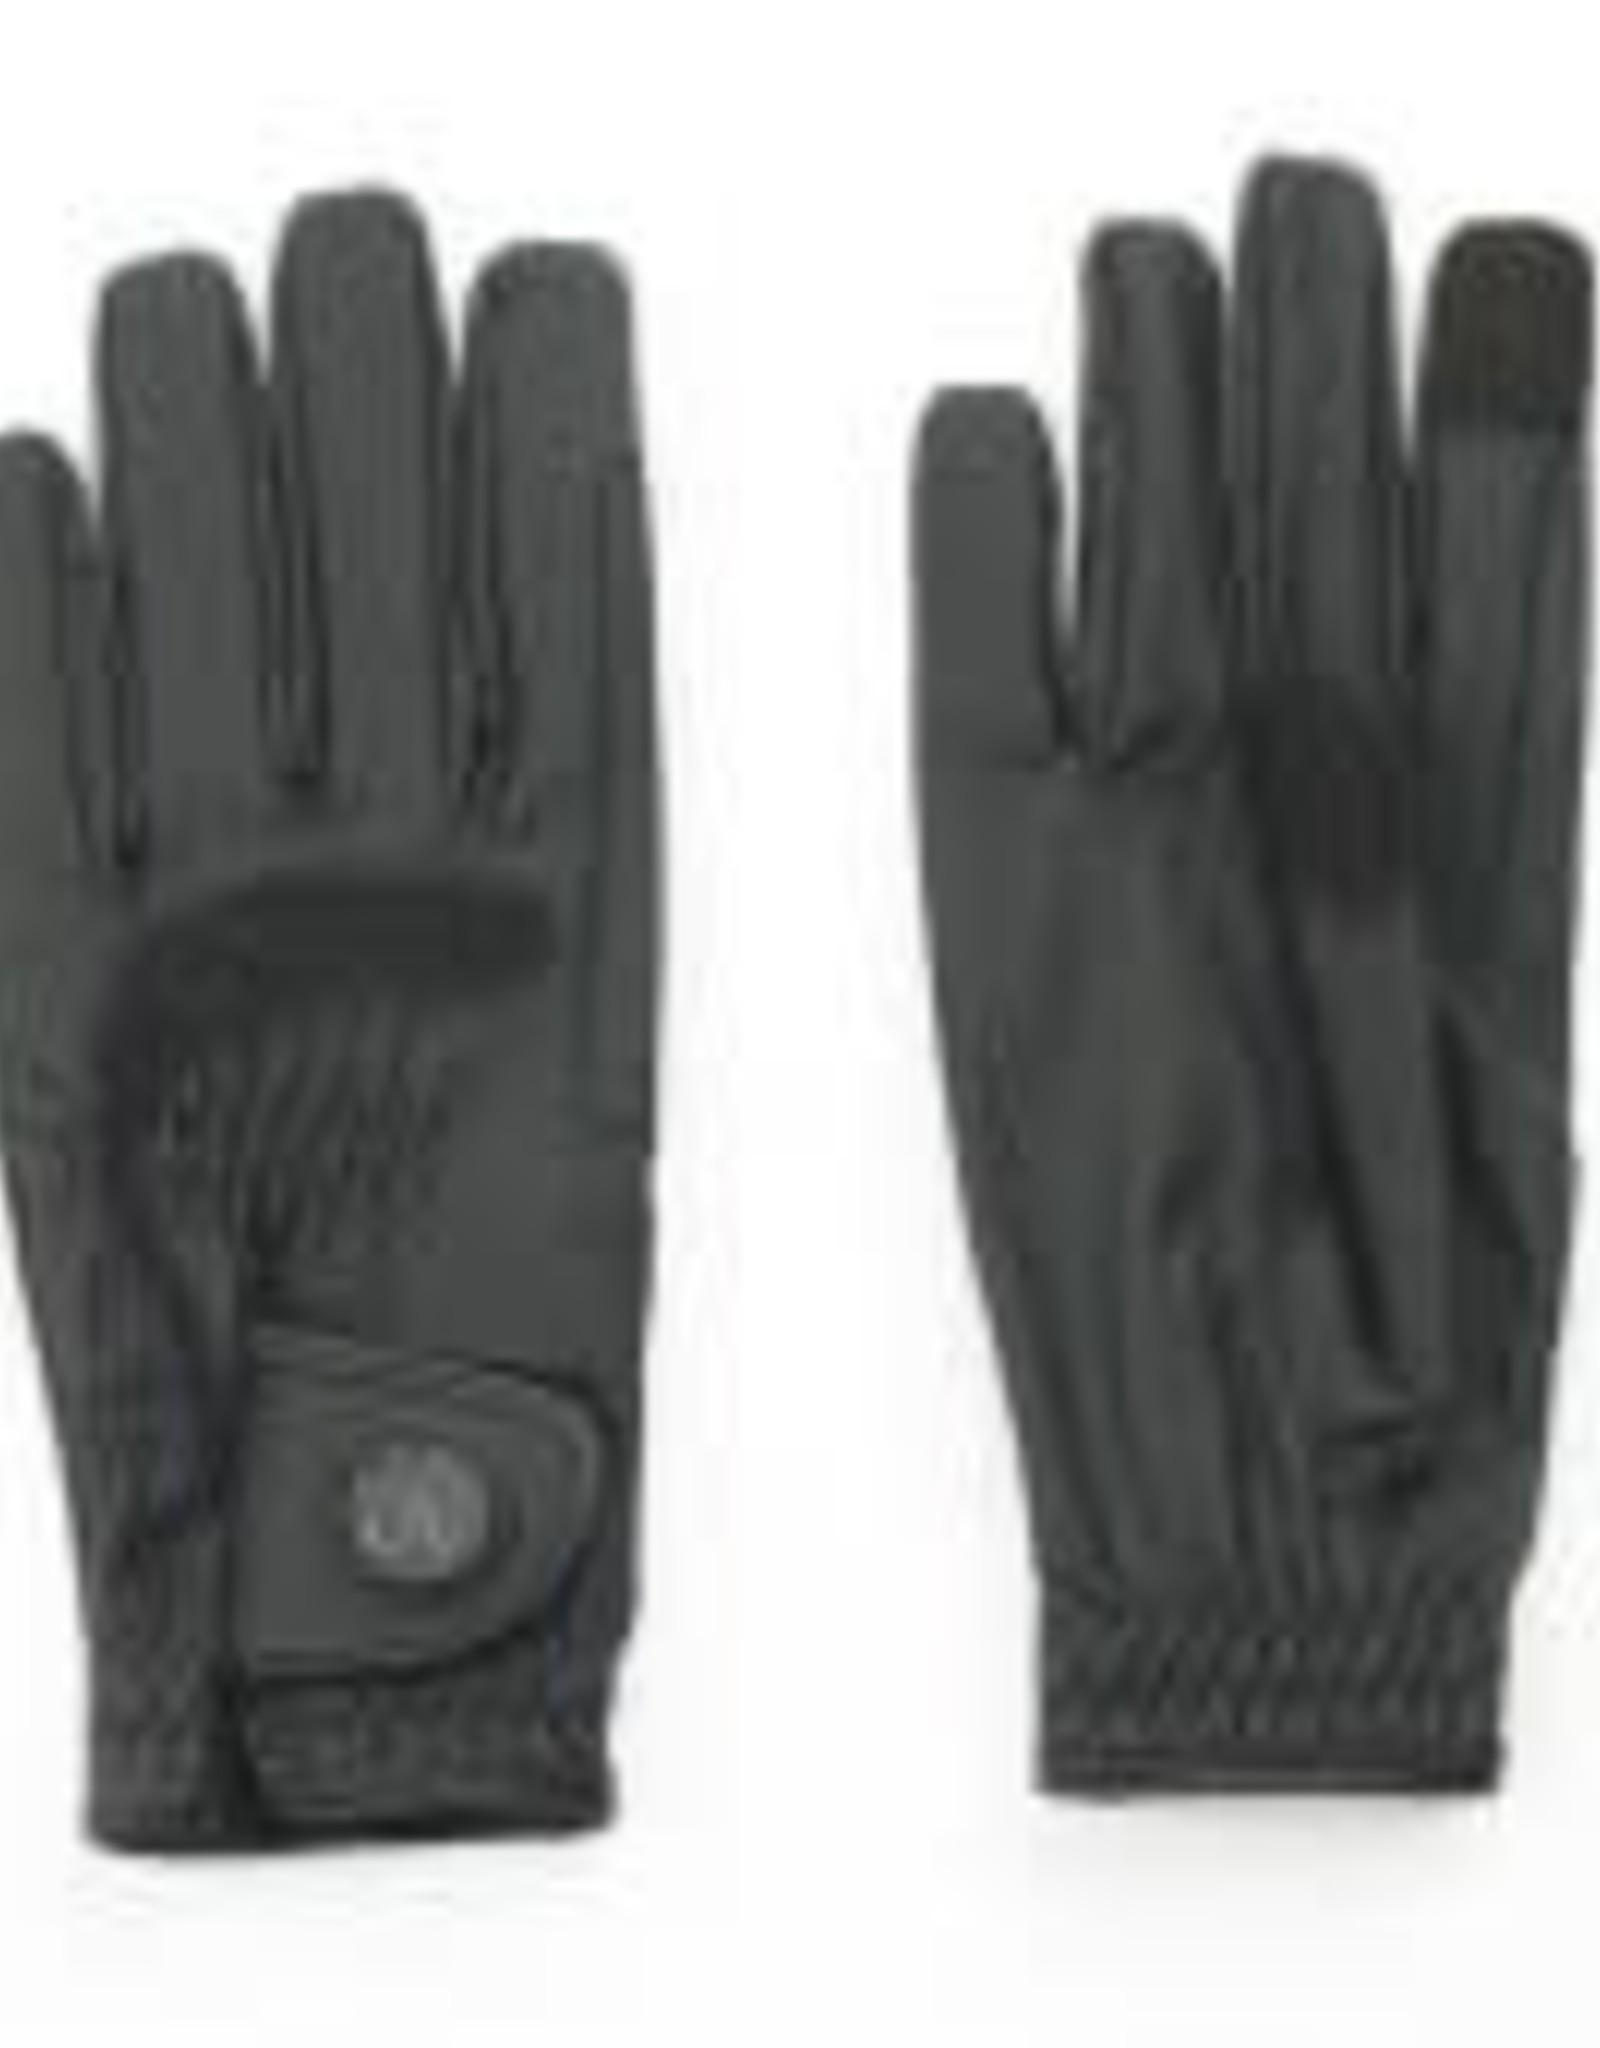 LuxeGrip StretchFlex Gloves